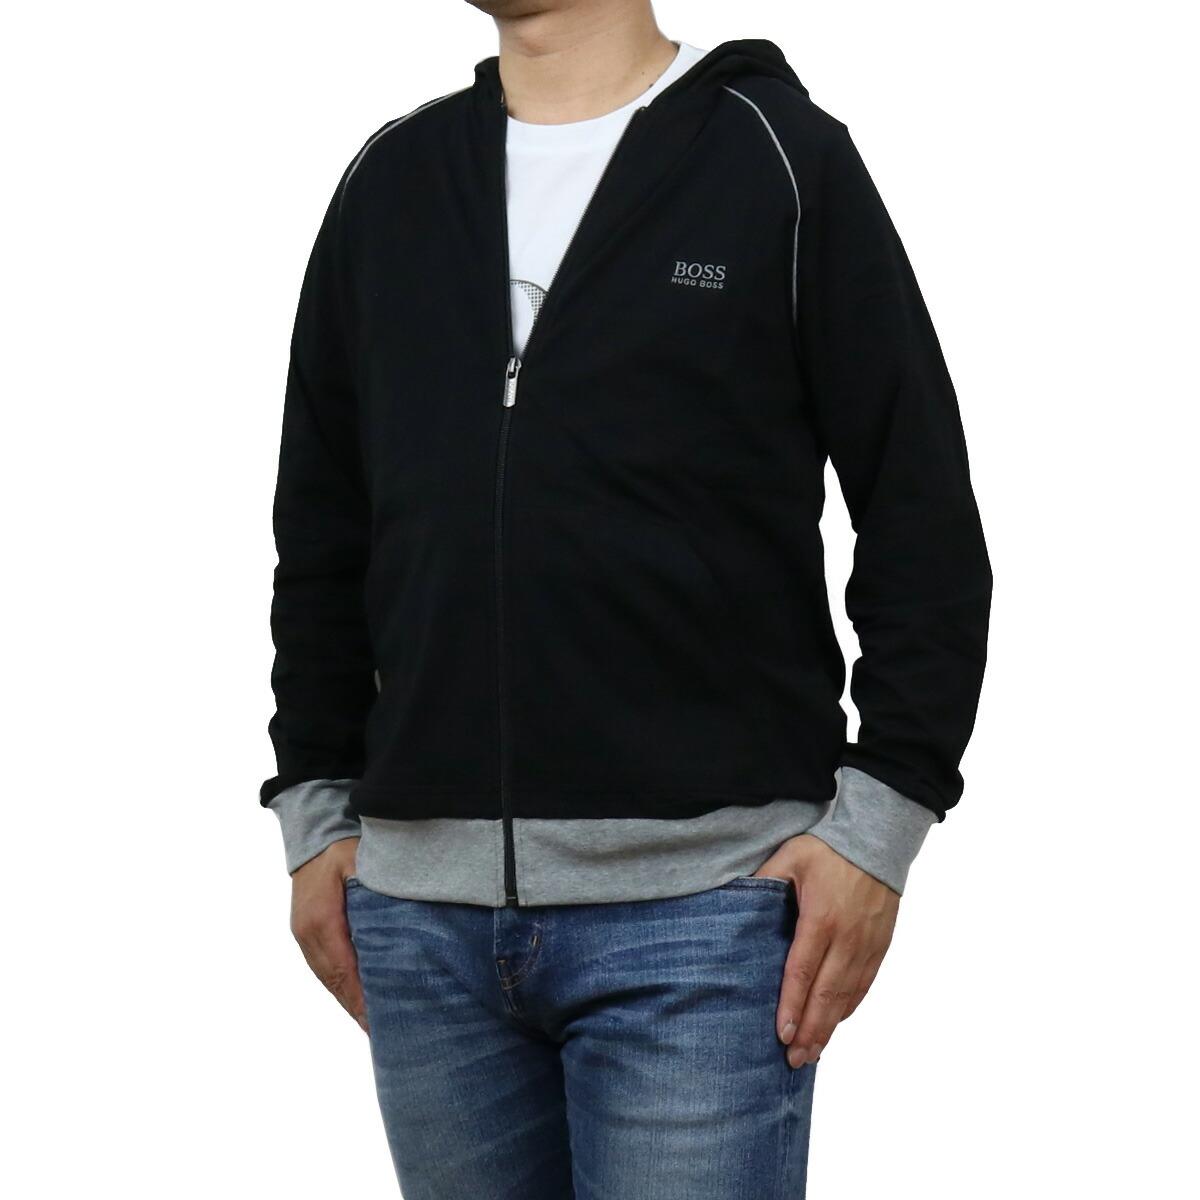 ヒューゴ・ボス HUGO BOSS  メンズ-パーカー 50381879 10143871 001 ブラック apparel-01 sale-8